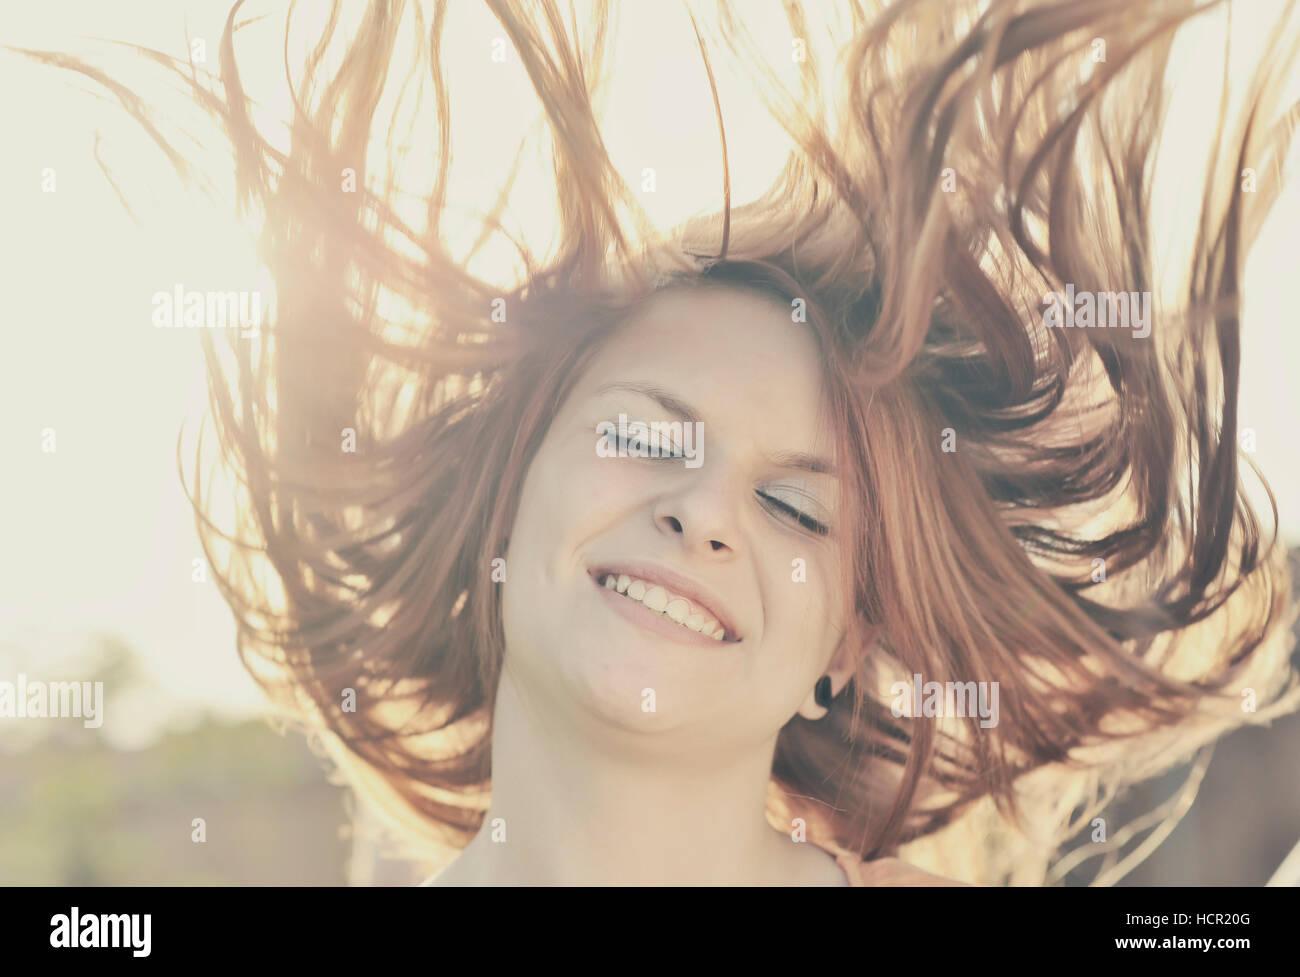 Schöne Mädchen Gesicht Stockbild